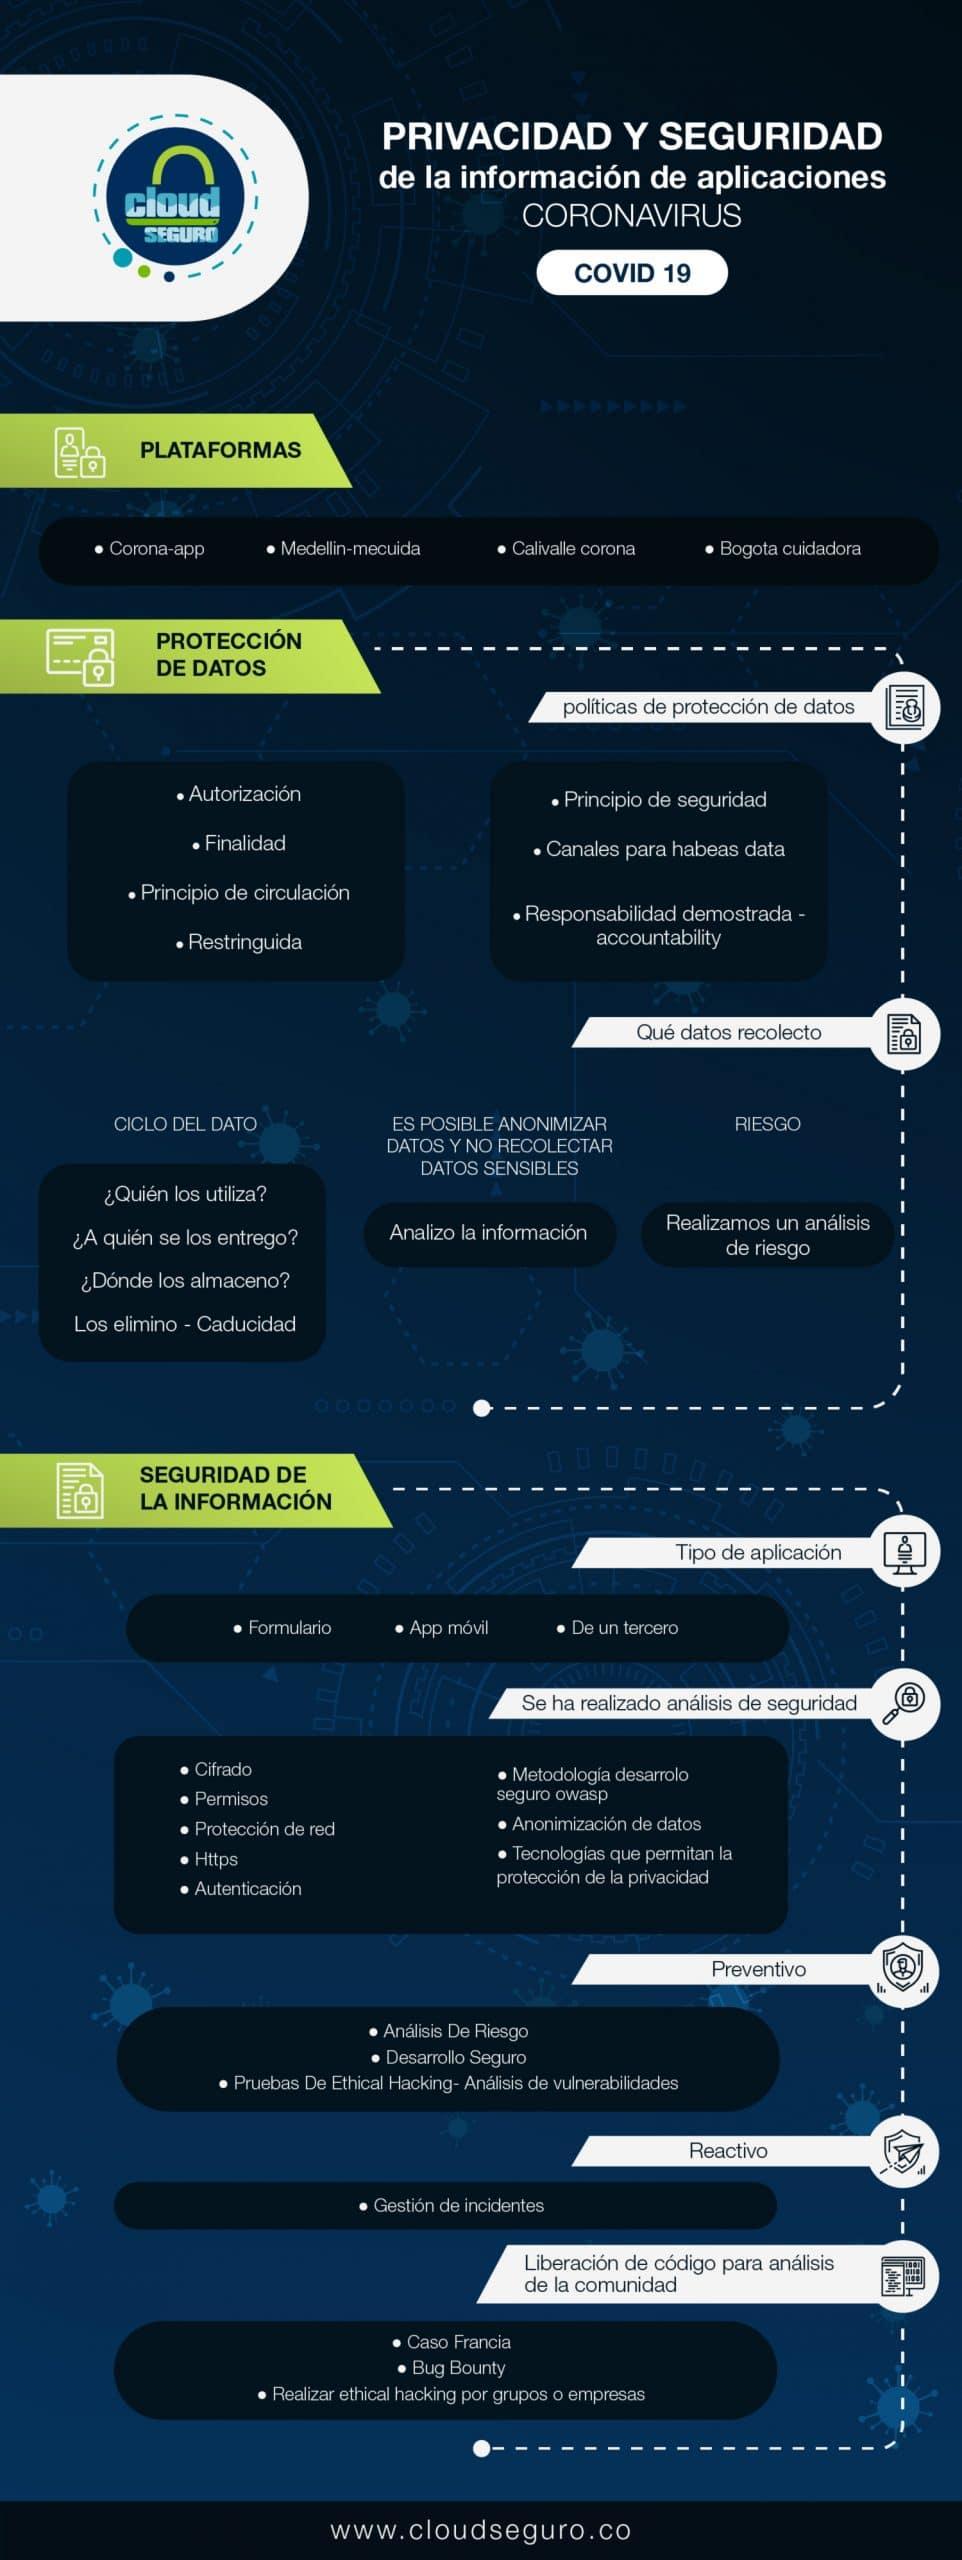 Privacidad y Seguridad de la información en aplicaciones COVID